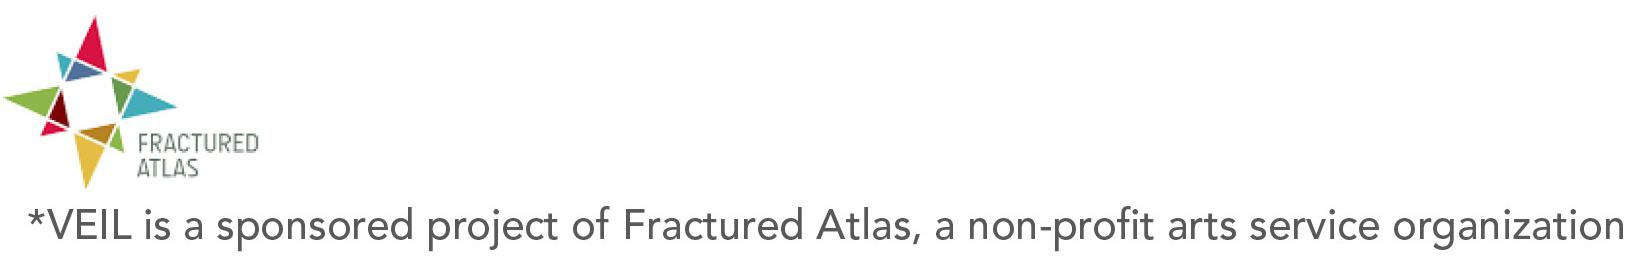 fracturedAtlas (1).jpg